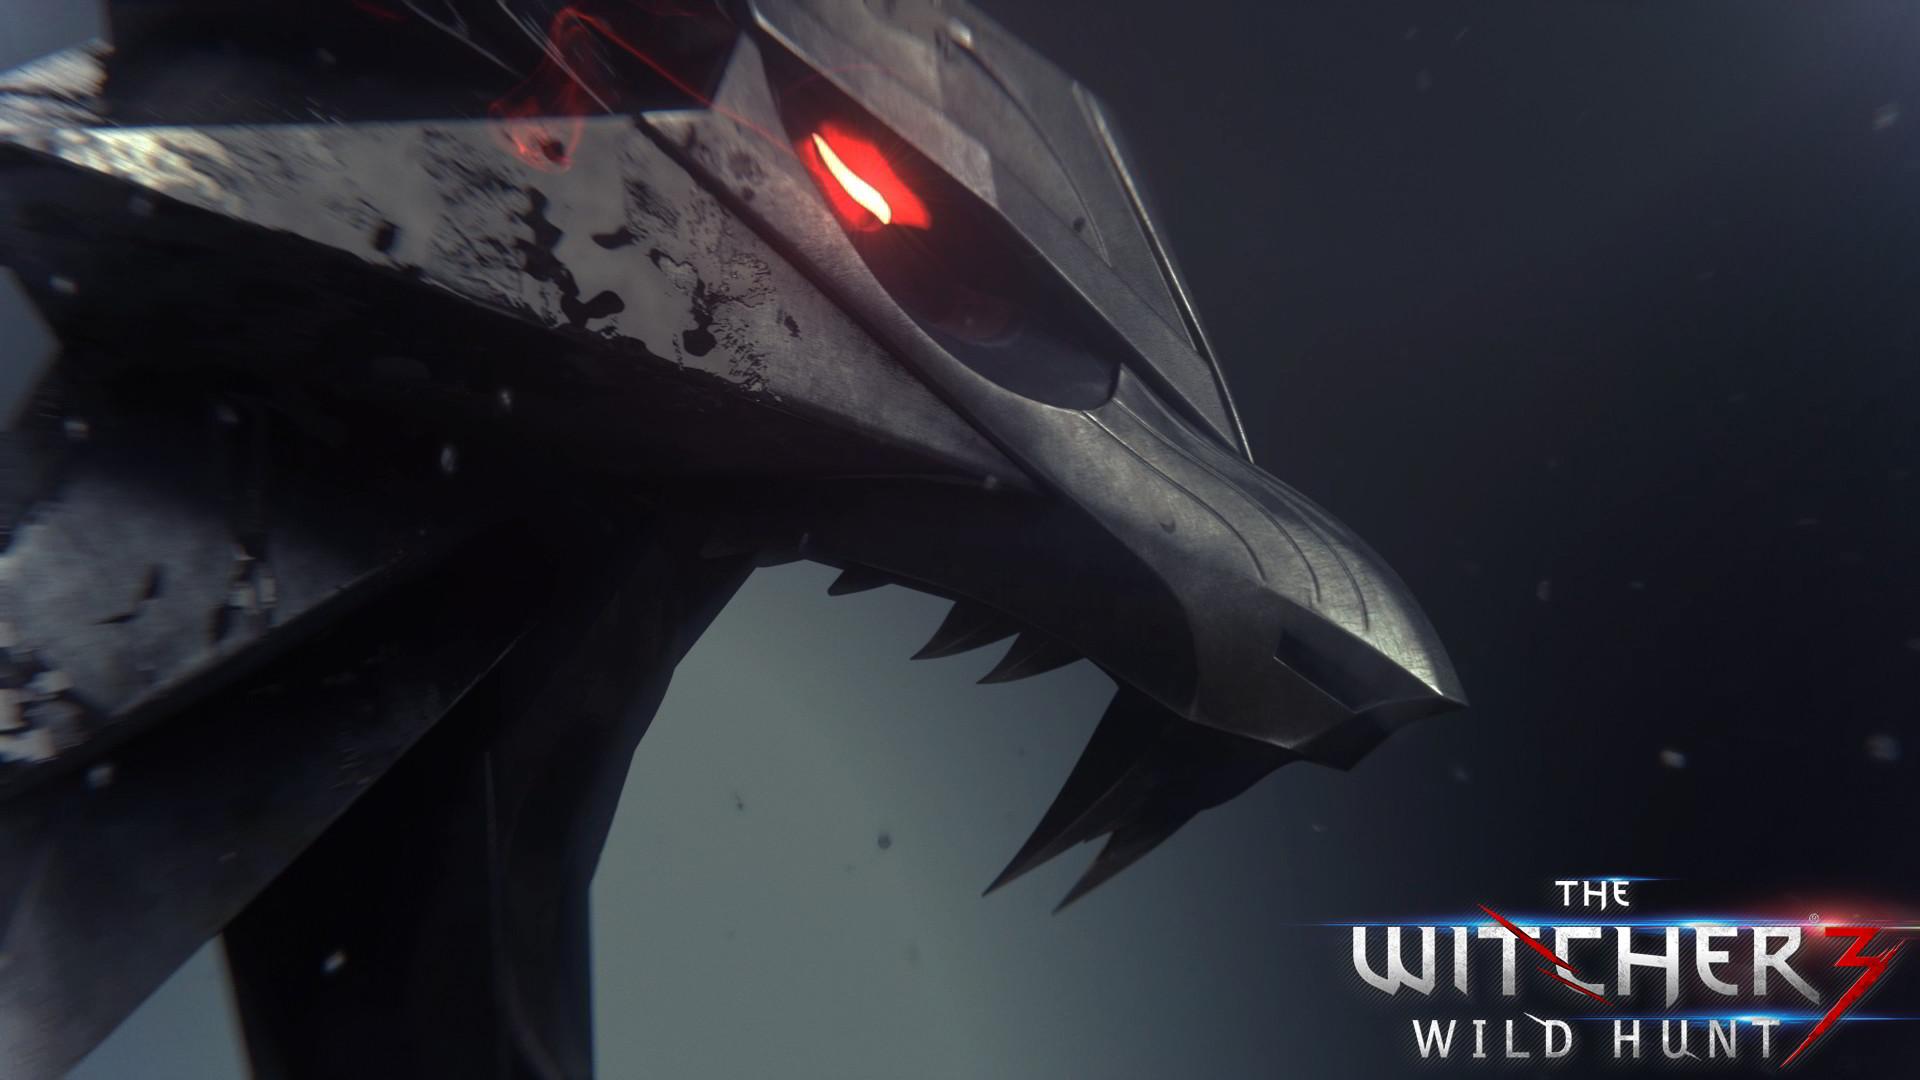 The Witcher 3 Wild Hunt. Original Resolution px